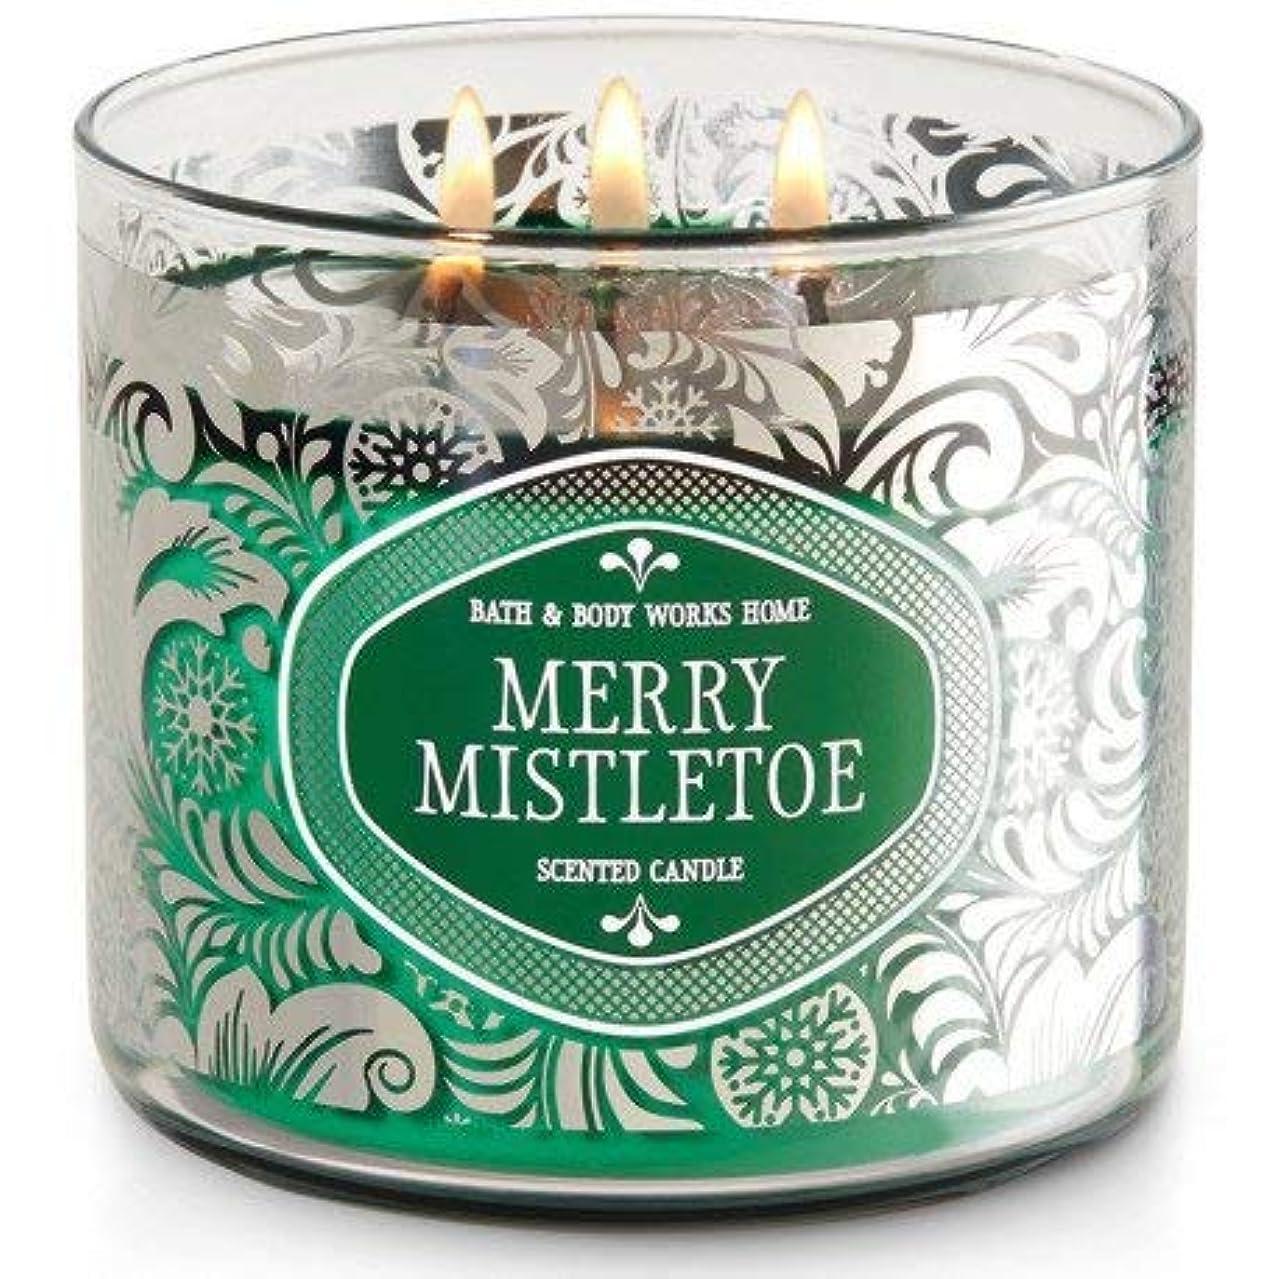 花嫁新しい意味ポテトBath and Body WorksホワイトバーンMerry Mistletoe 3 Wick Candle 14.5オンス